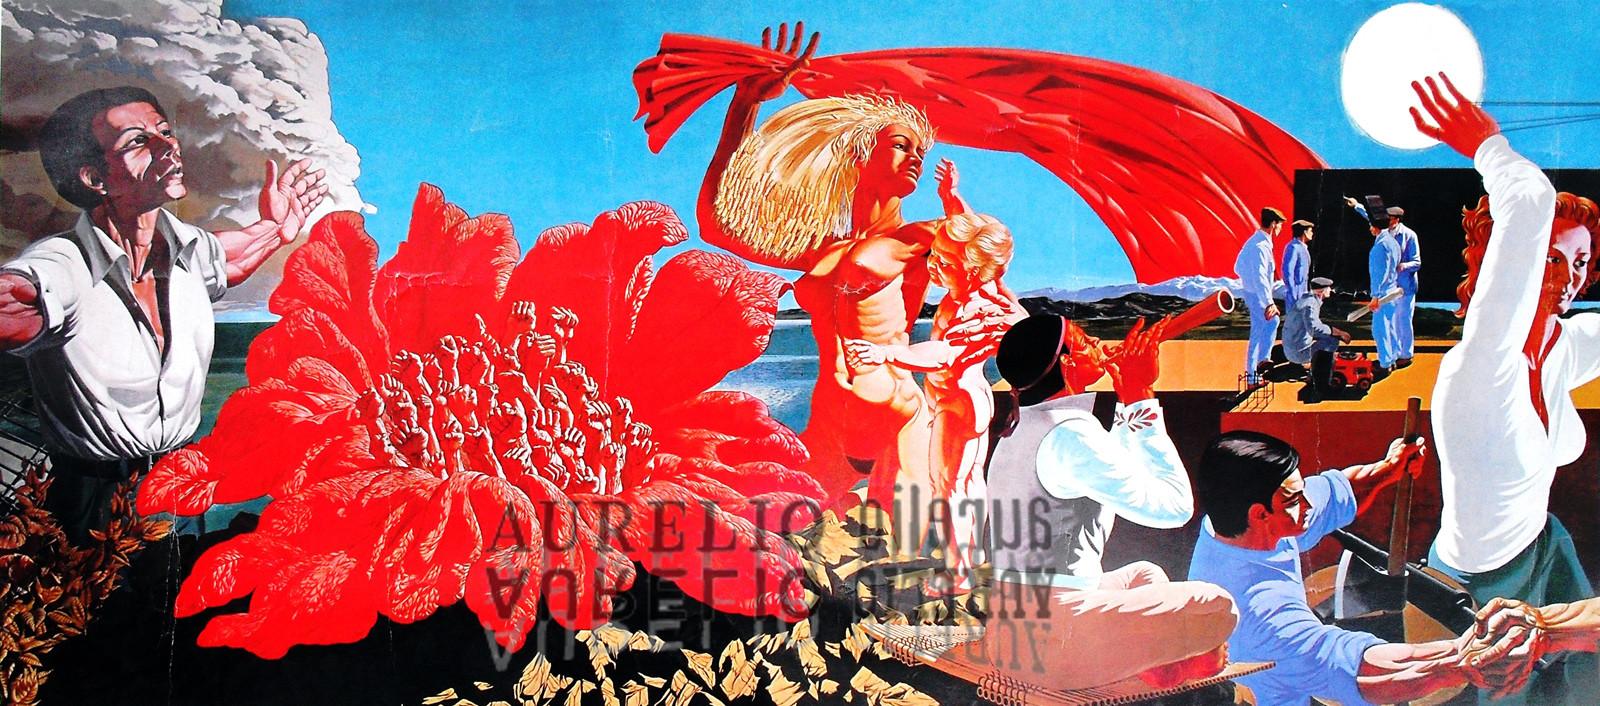 Aurelio C. - Murale Valenza particolare - 1972